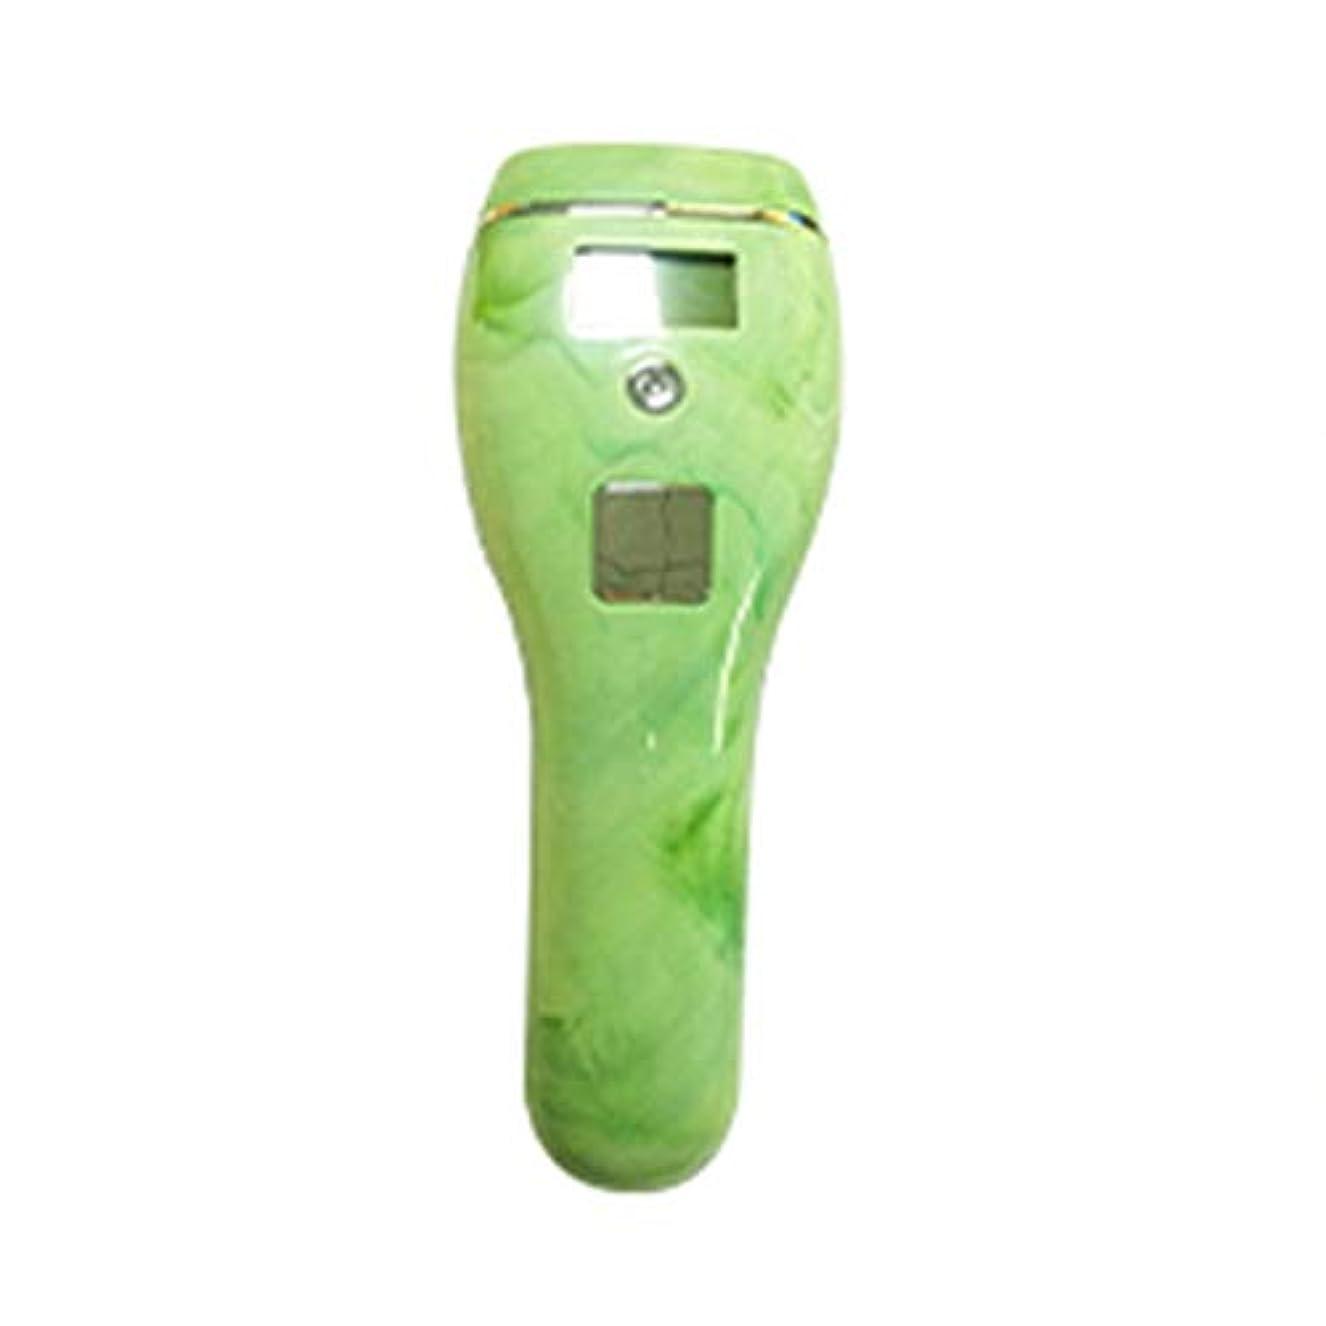 チャンバー周波数イソギンチャクIku夫 自動肌のカラーセンシング、グリーン、5速調整、クォーツチューブ、携帯用痛みのない全身凍結乾燥用除湿器、サイズ19x7x5cm (Color : Green)